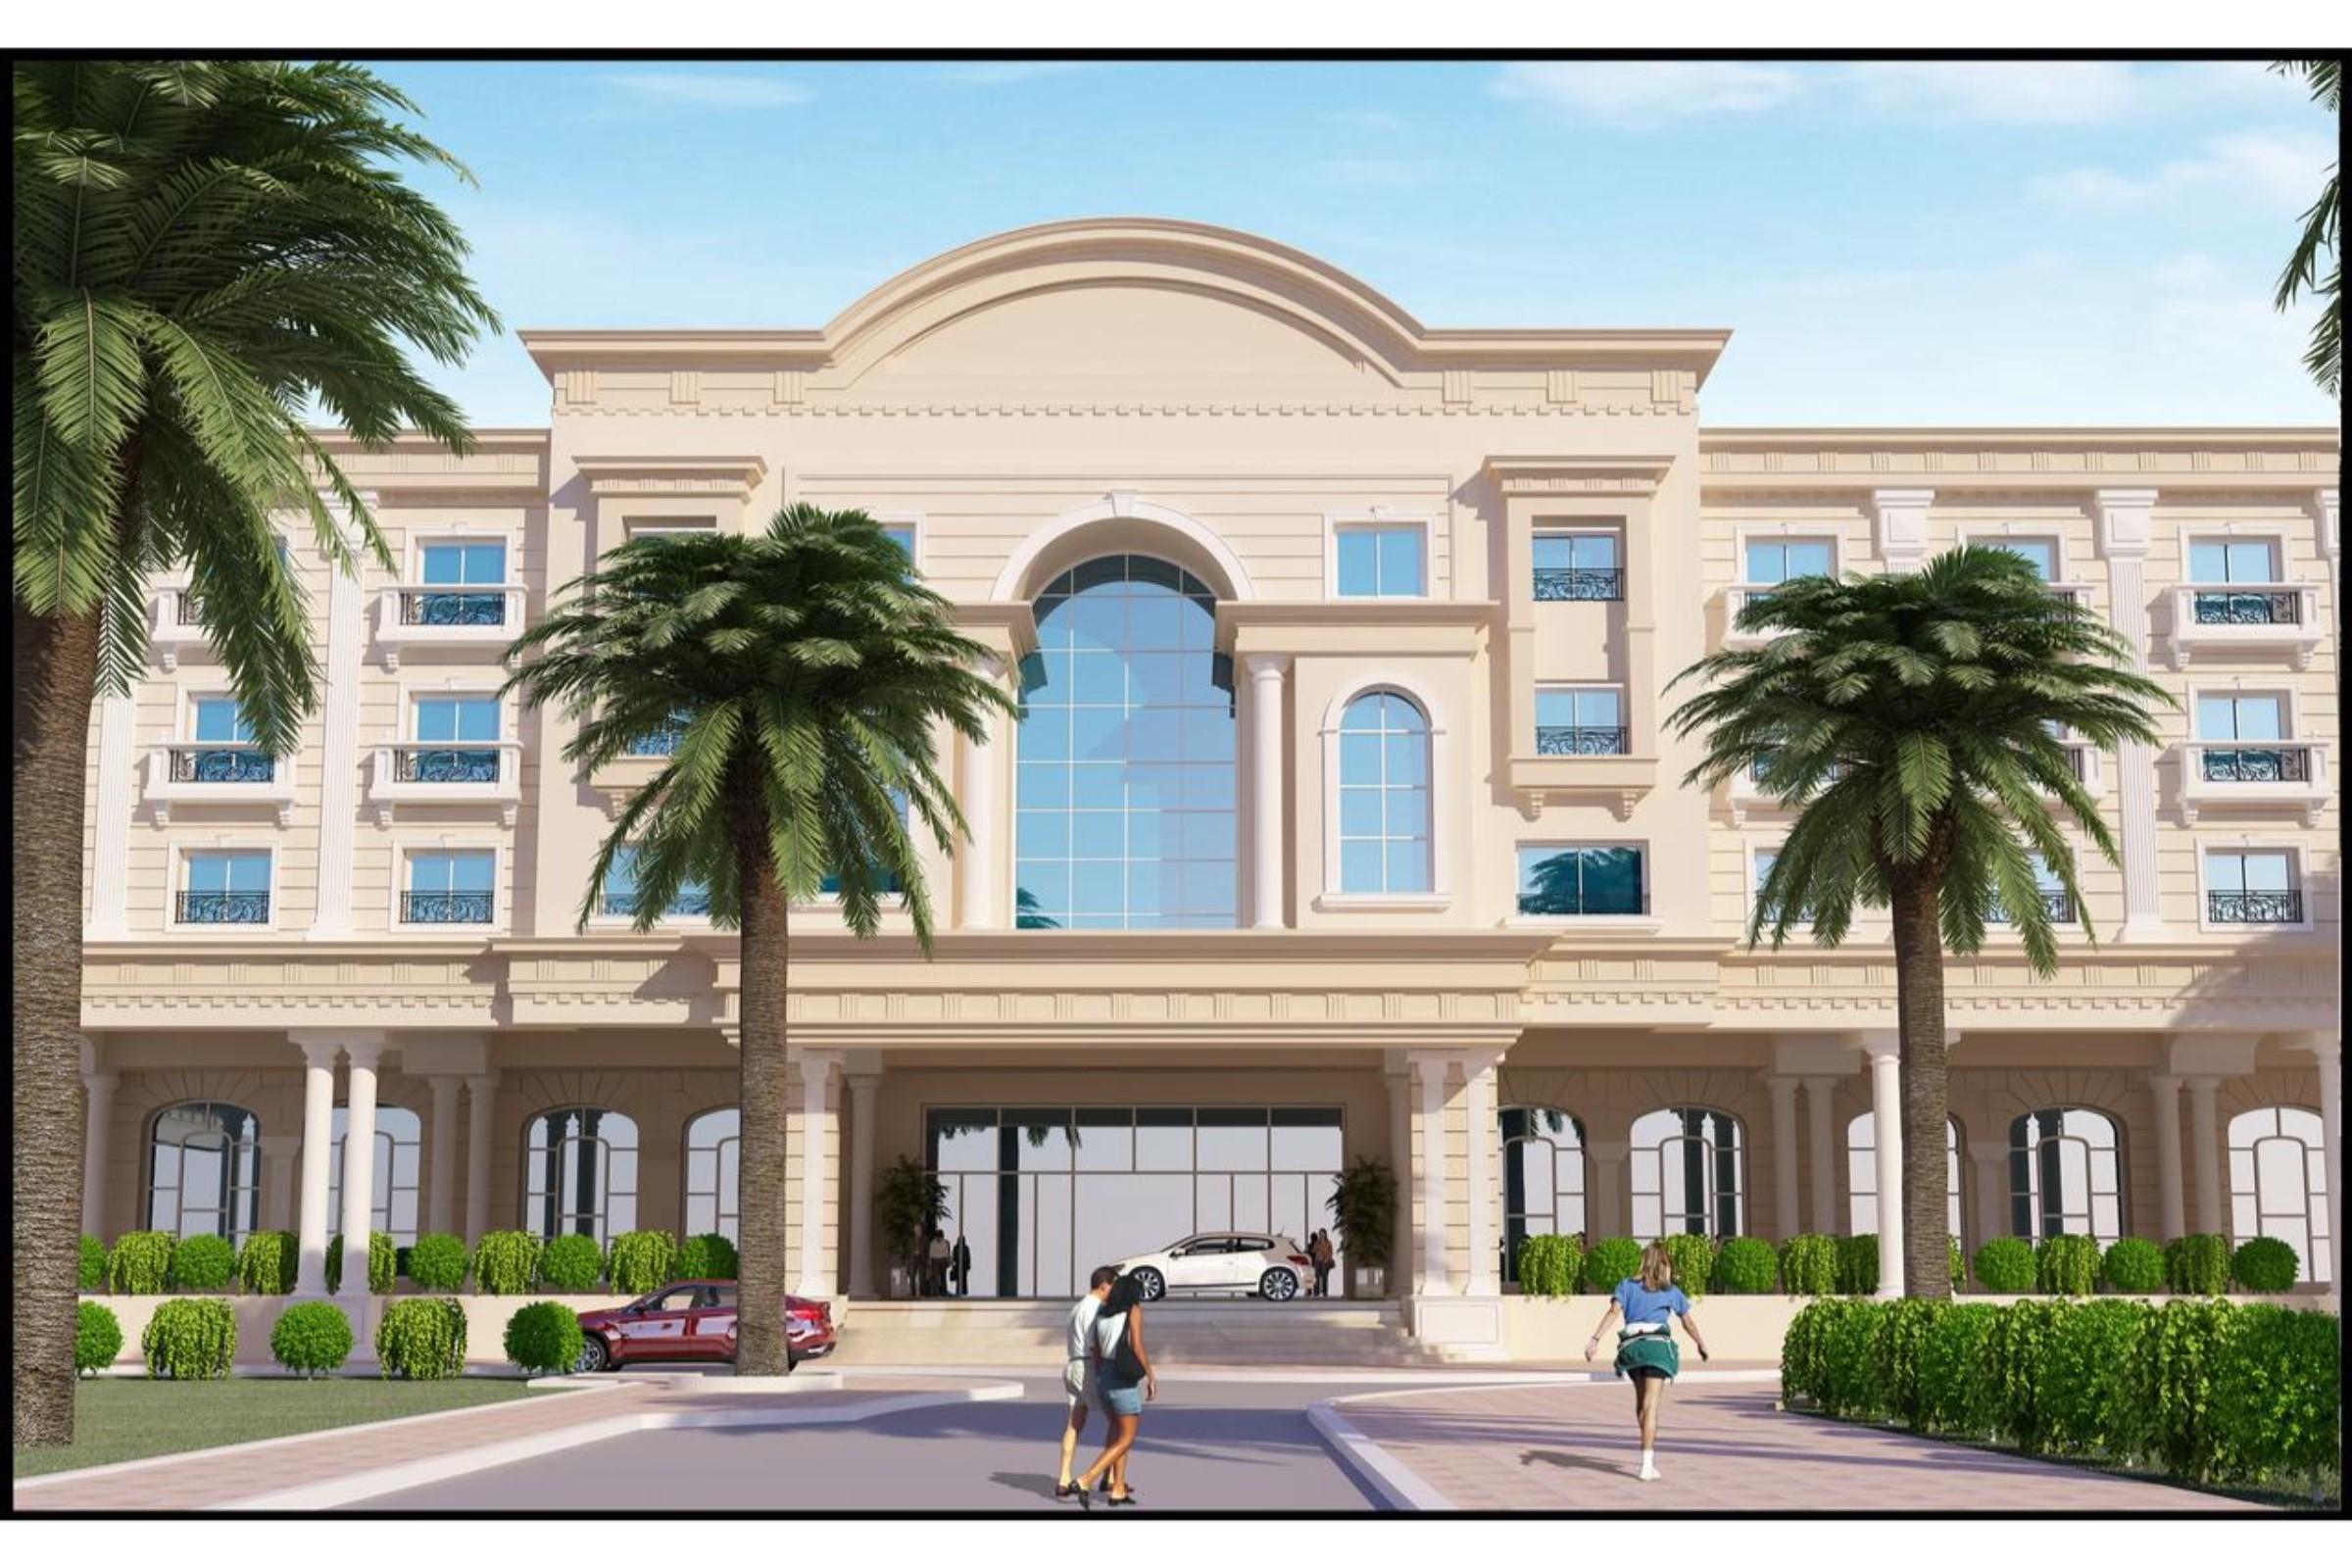 Movenpick Hotel du Lac Tunis, Cité El Khadra